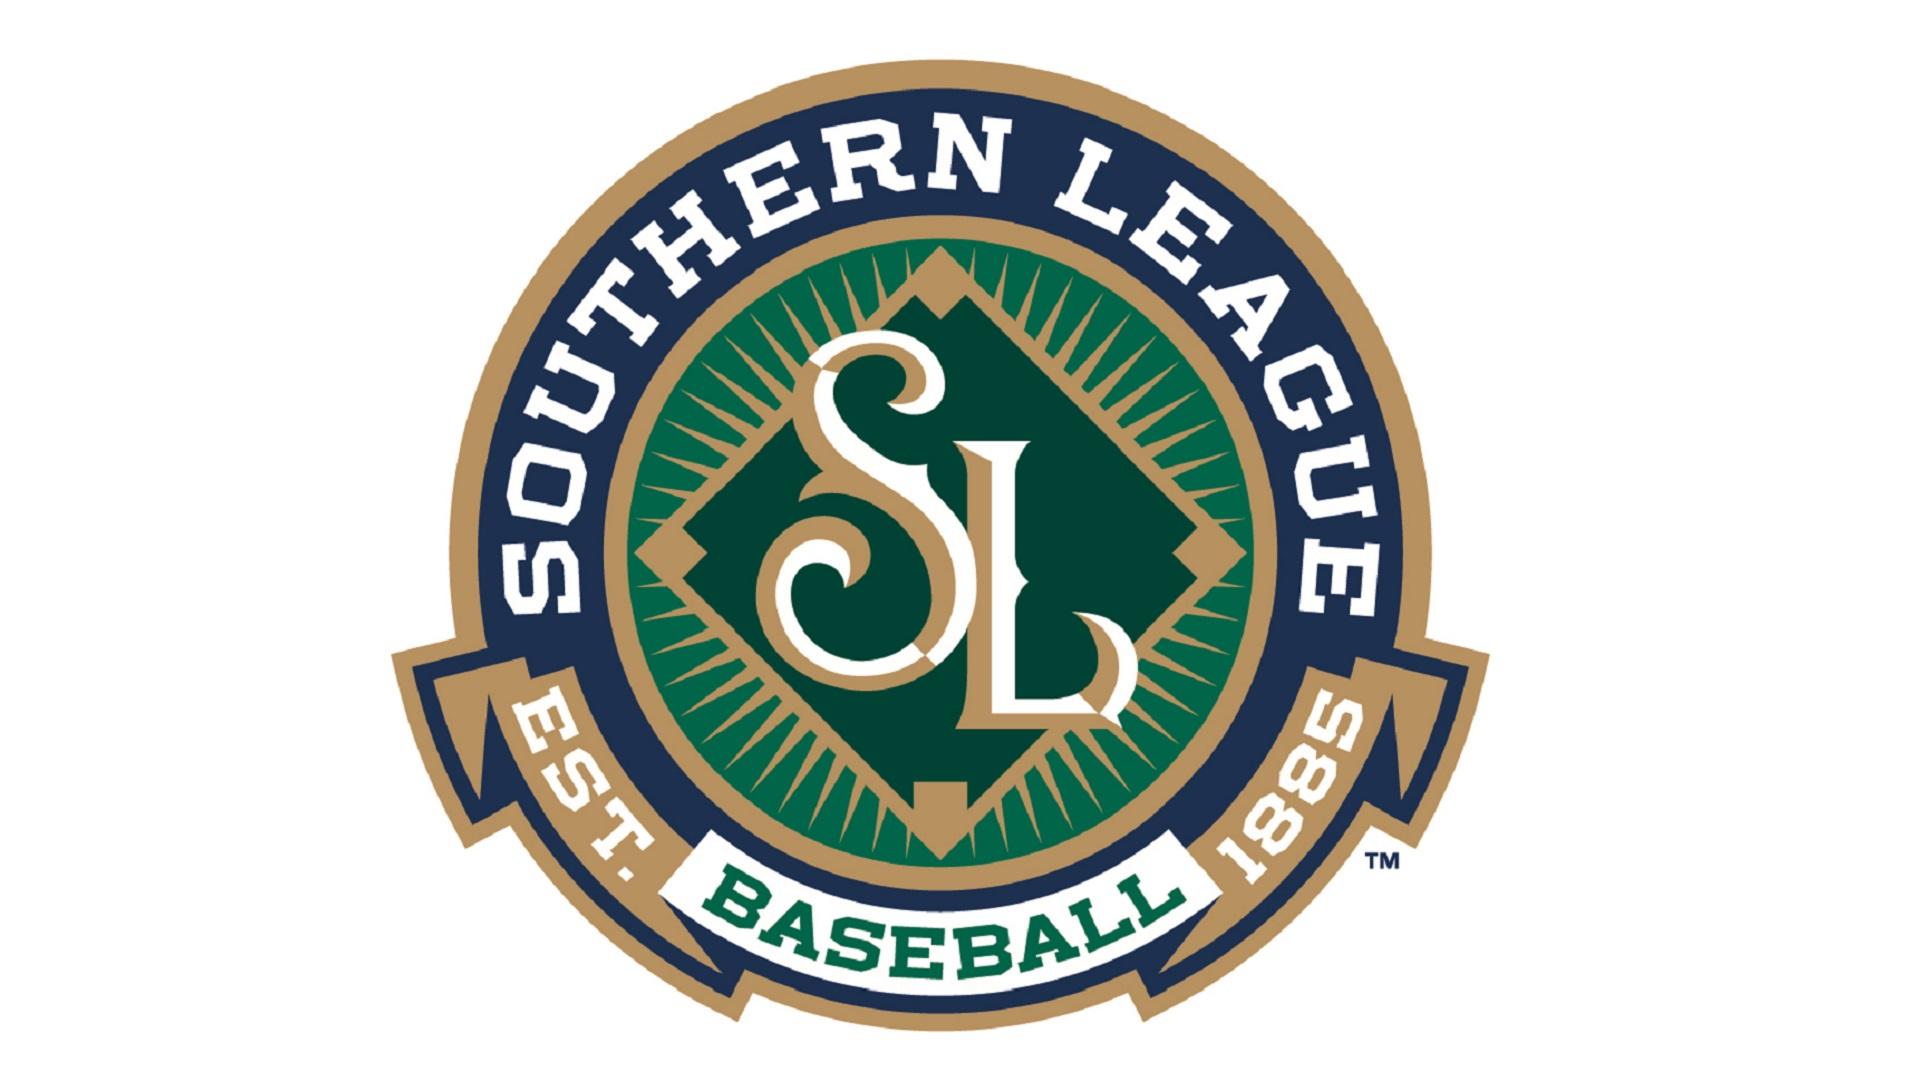 Afbeeldingsresultaat voor Southern league